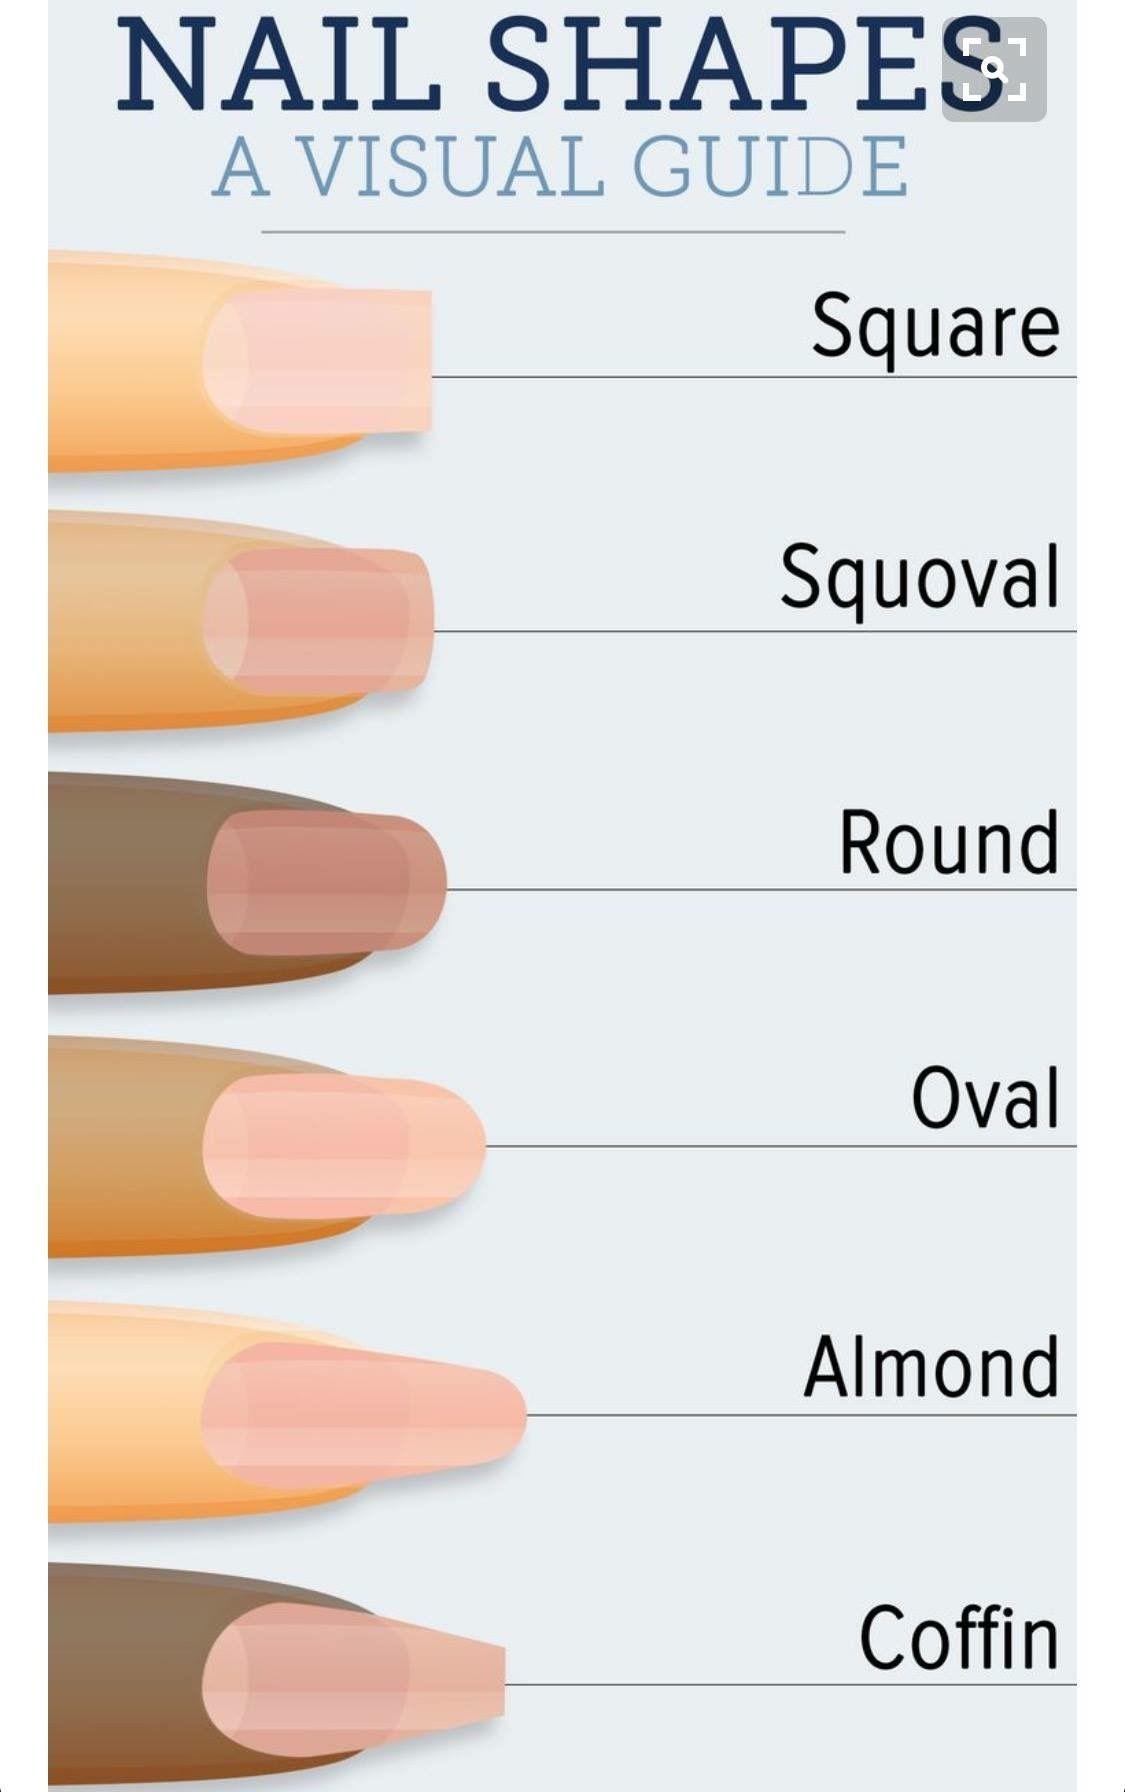 Pin by Sepi Dawn on Nail design | Pinterest | Make up, Pedi and Nail ...